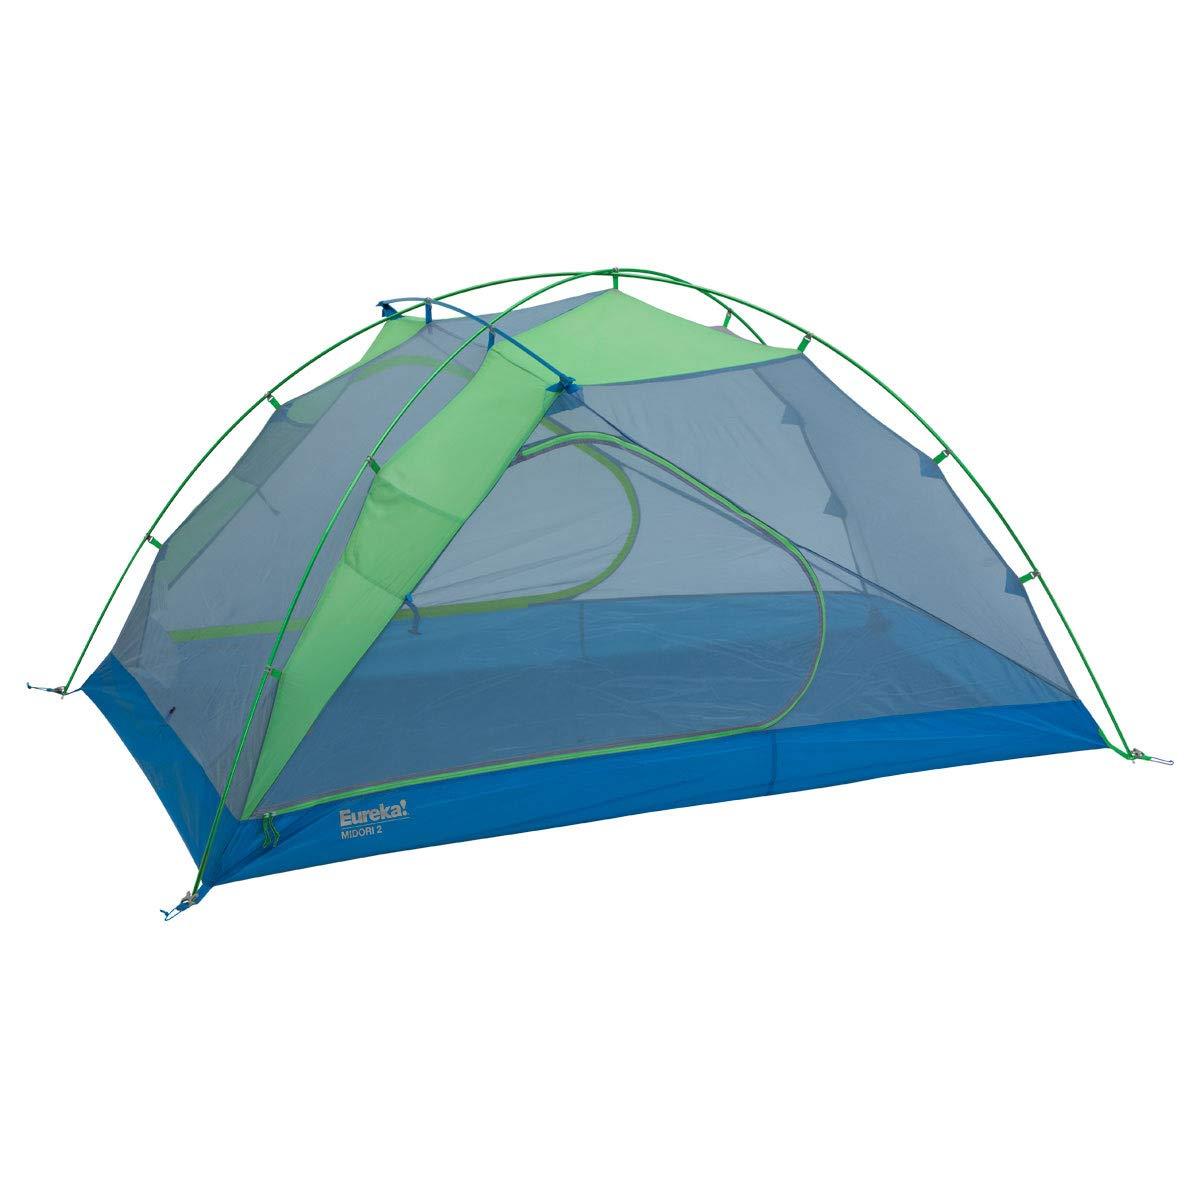 Eureka Midori Three-Season Backpacking Tent